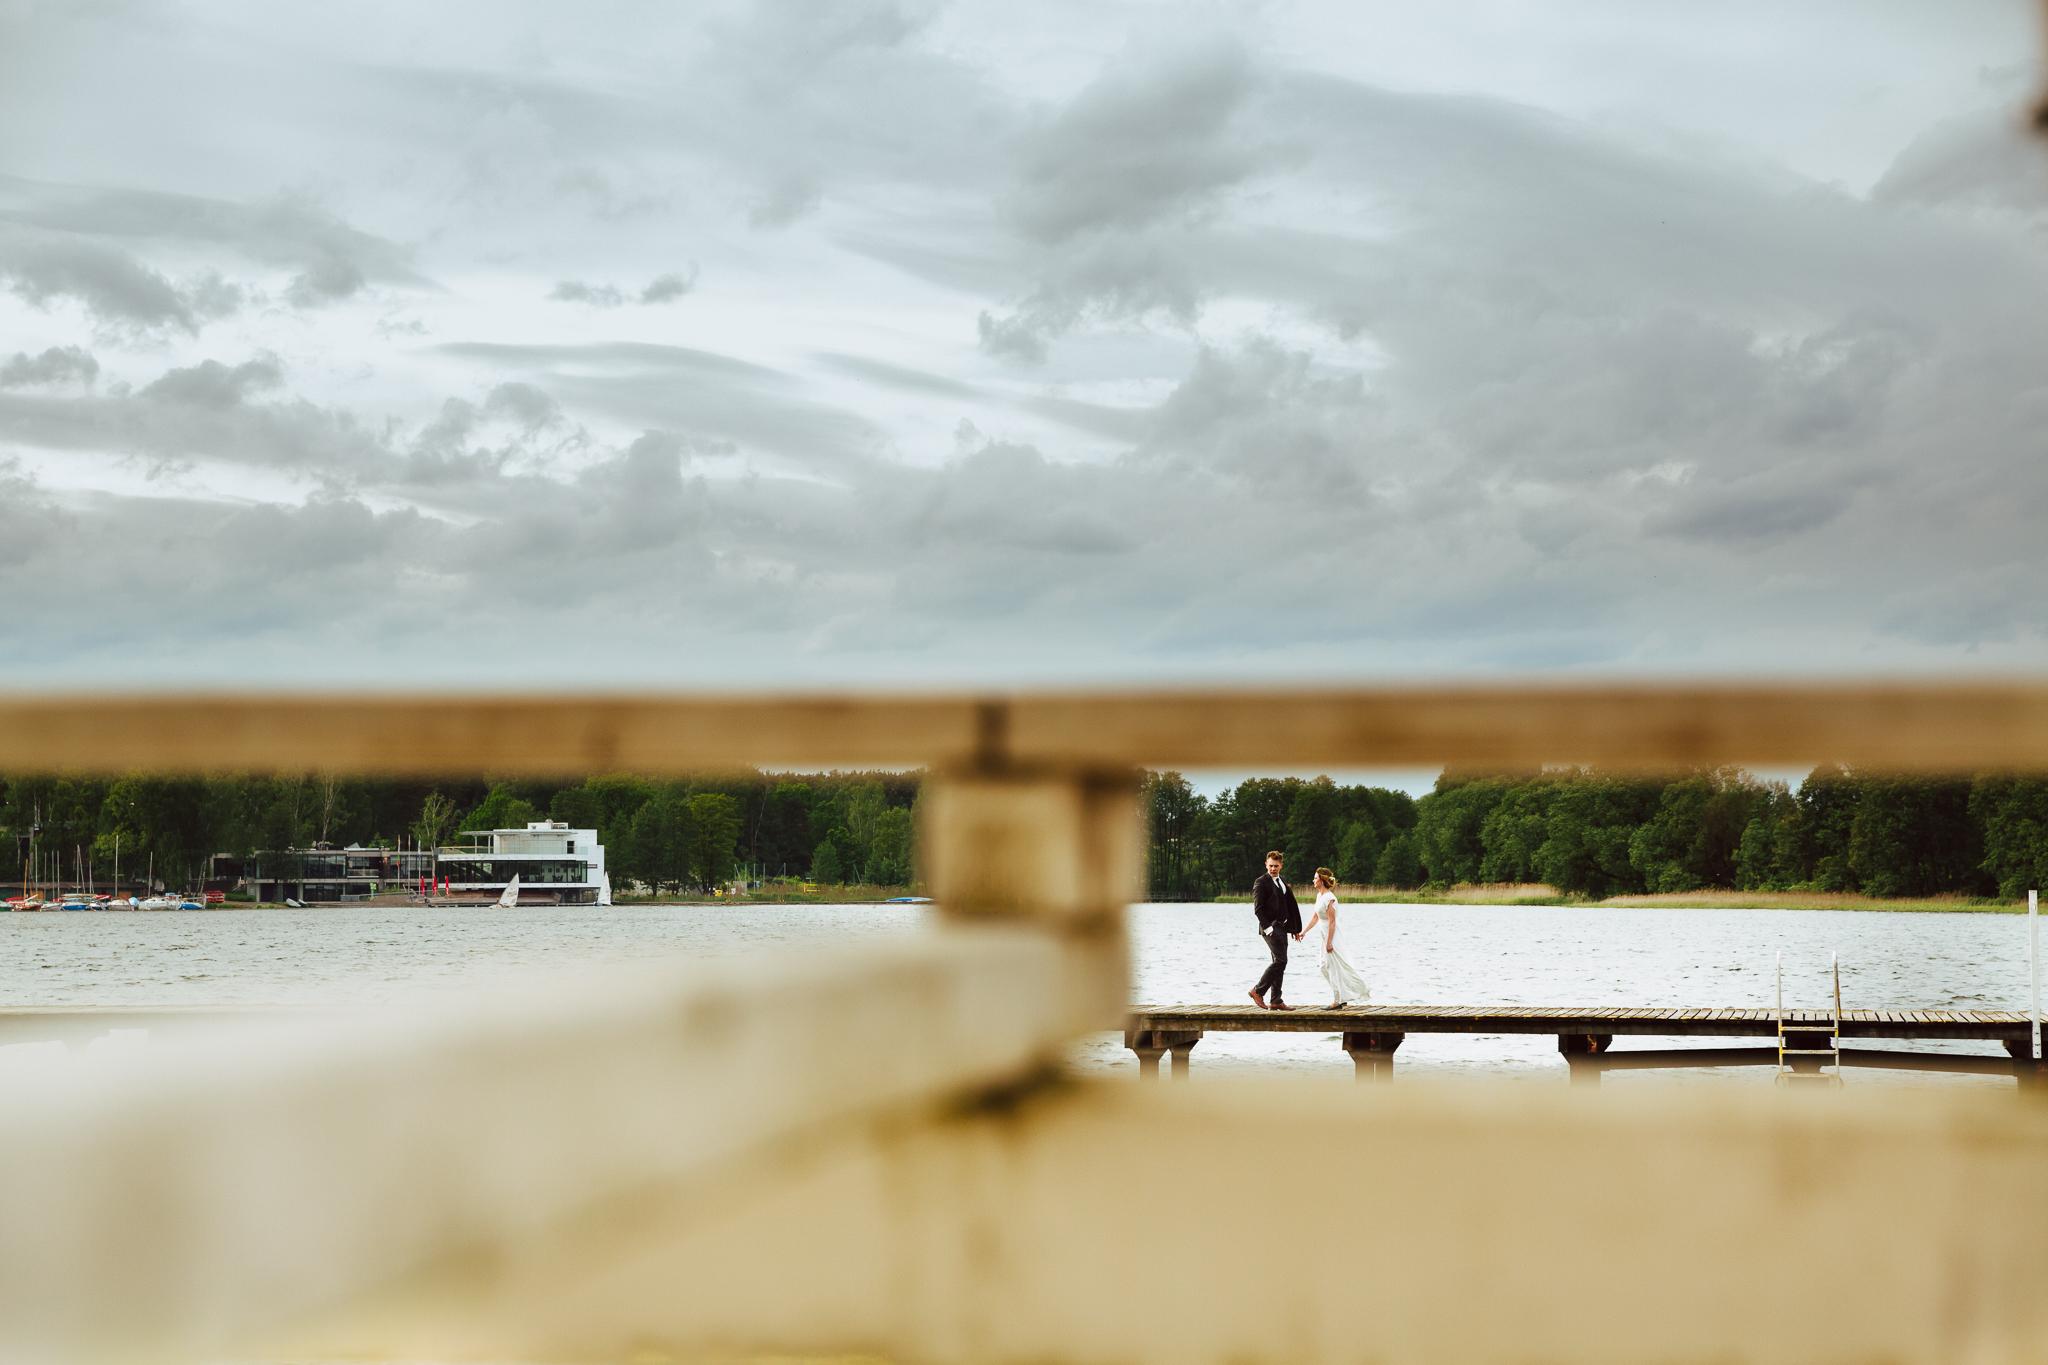 zdjęcie na molo w olsztynie podczas pleneru ślubnego